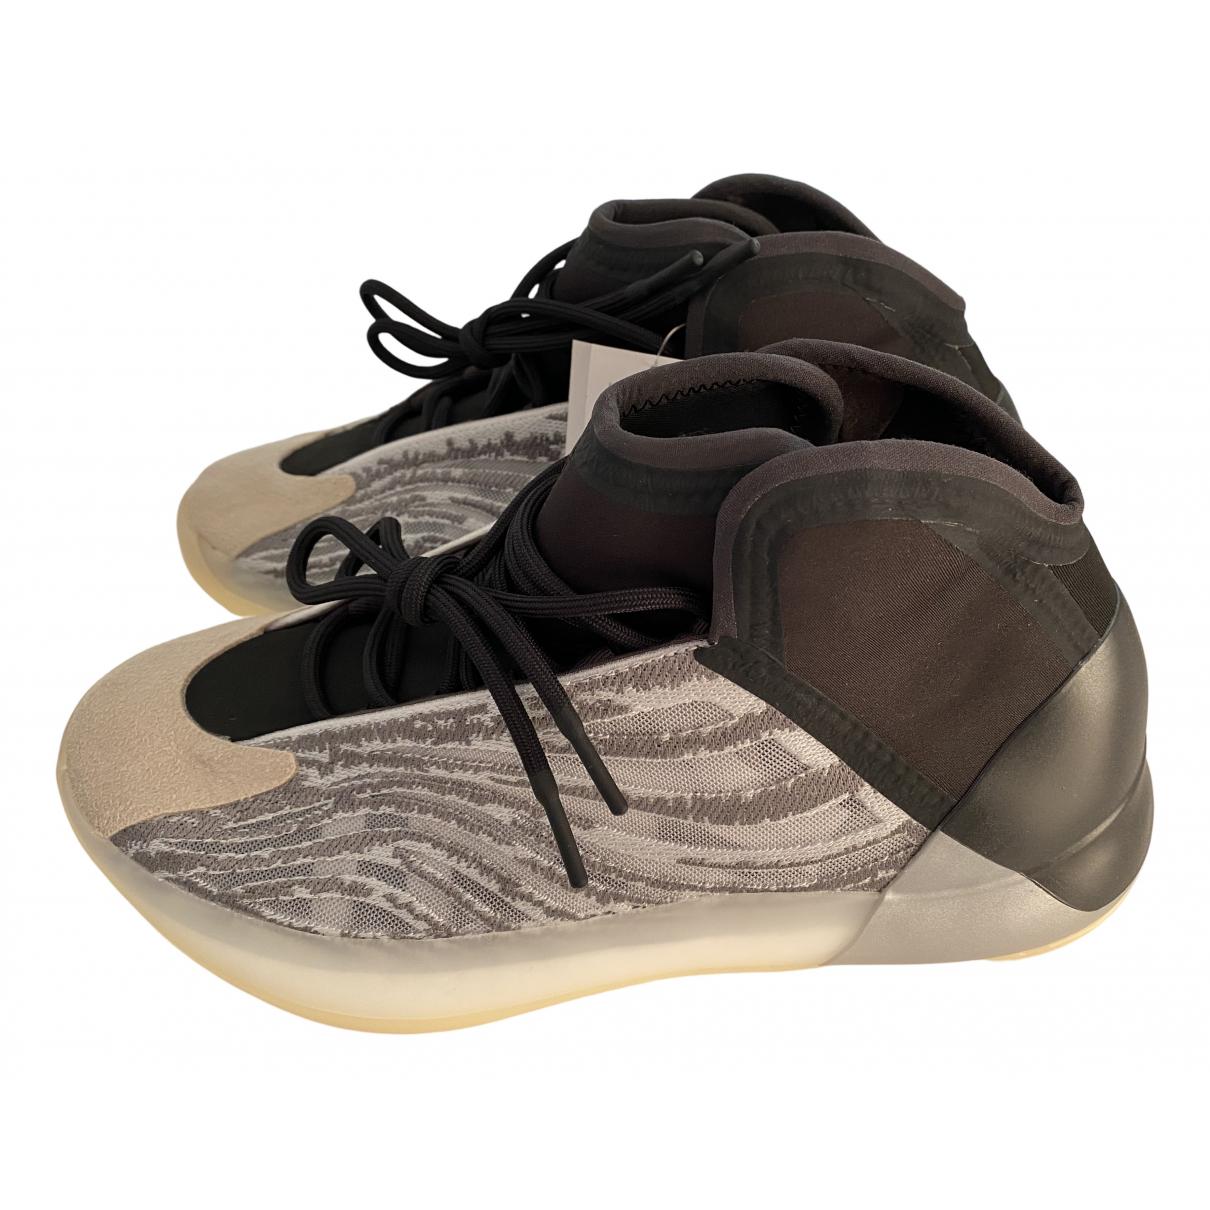 Yeezy X Adidas - Baskets QNTM BSKTBL pour homme en caoutchouc - argente